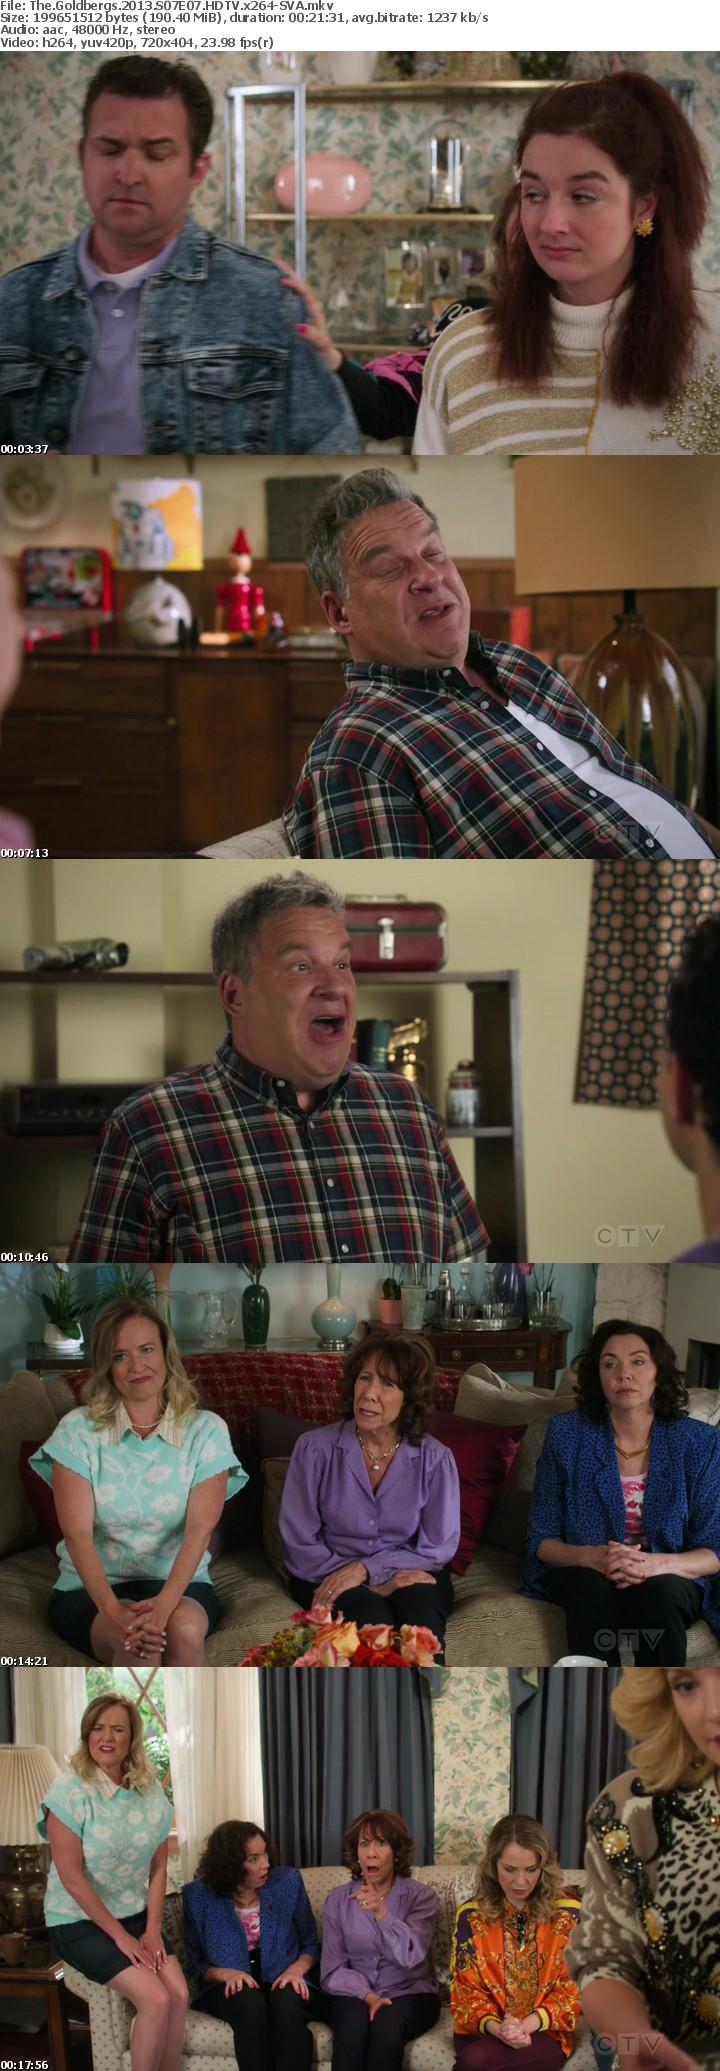 The Goldbergs 2013 S07E07 HDTV x264-SVA